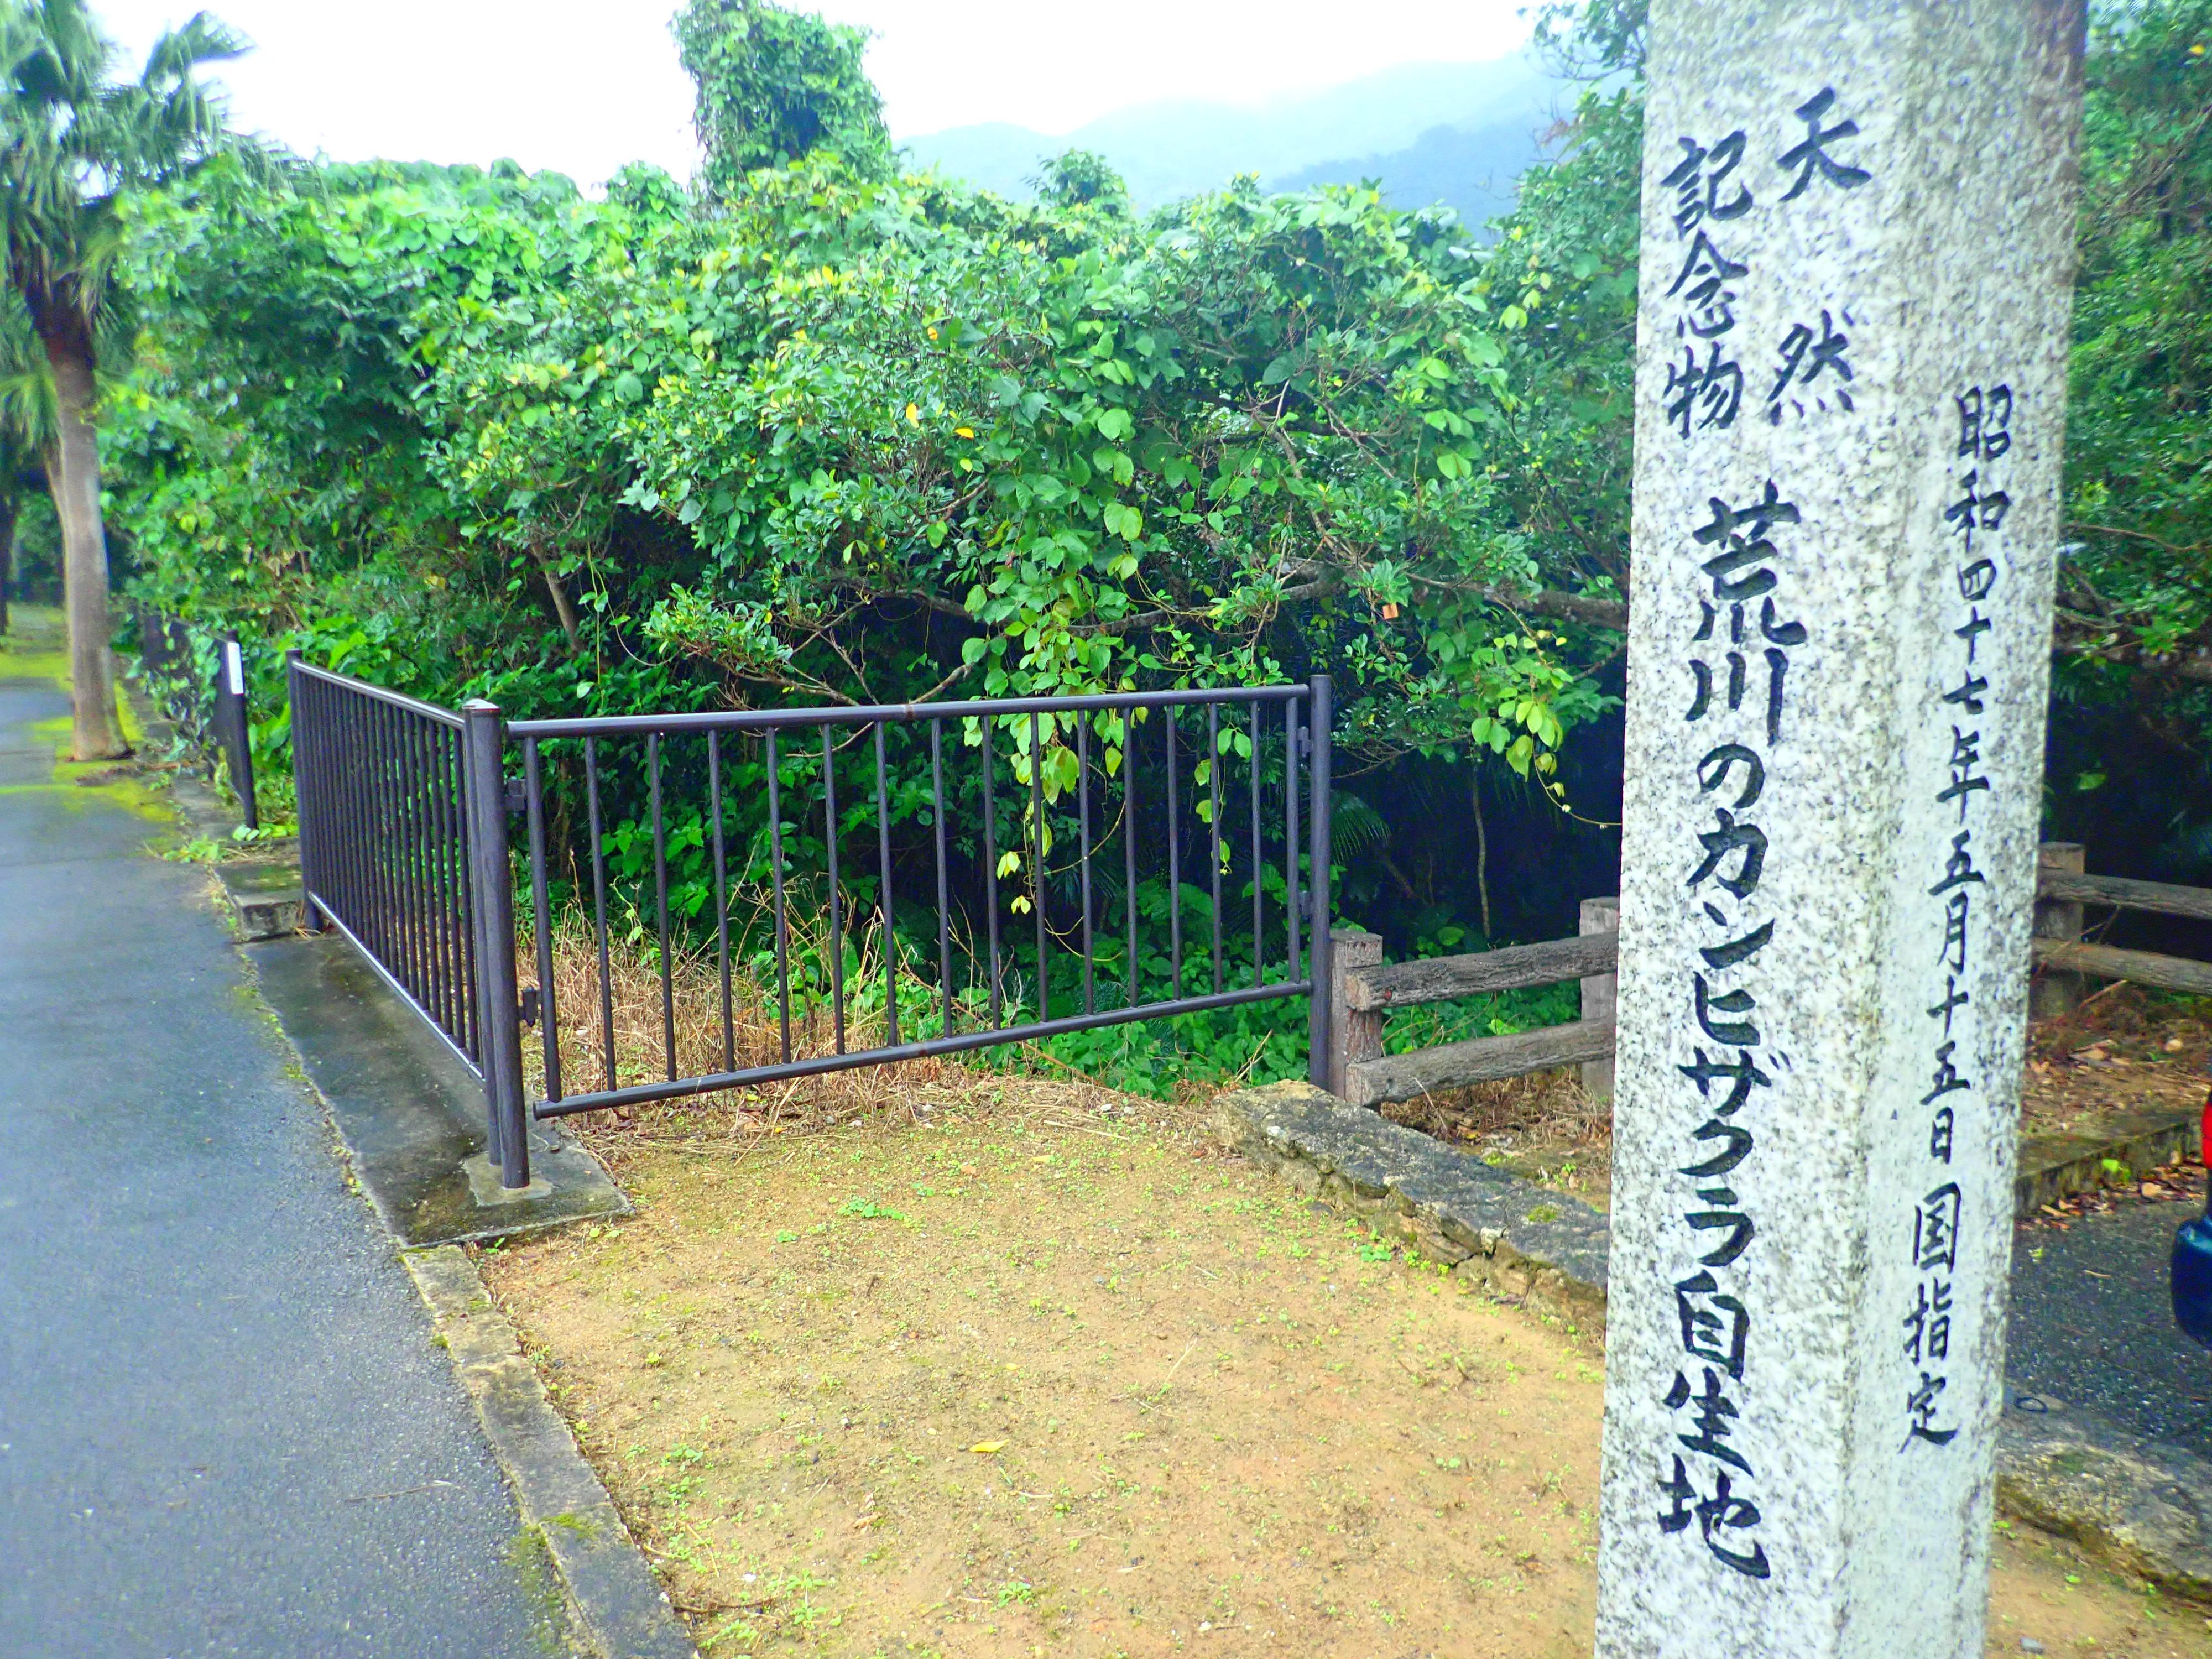 入口の天然記念物のカンヒザクラ